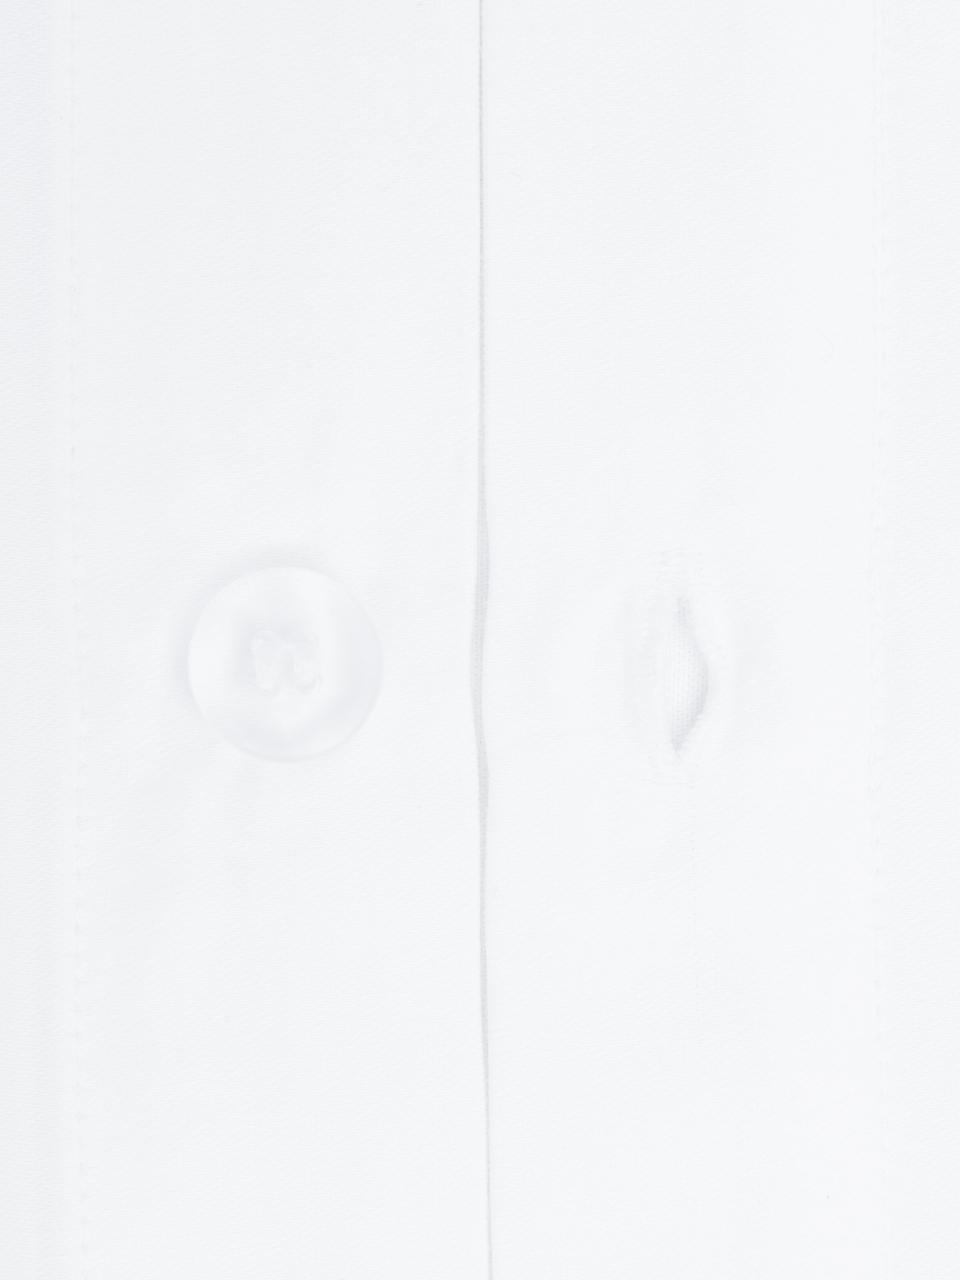 Baumwollsatin-Kissenbezüge Premium in Weiß mit Stehsaum, 2 Stück, Webart: Satin Fadendichte 400 TC,, Weiß, 40 x 80 cm